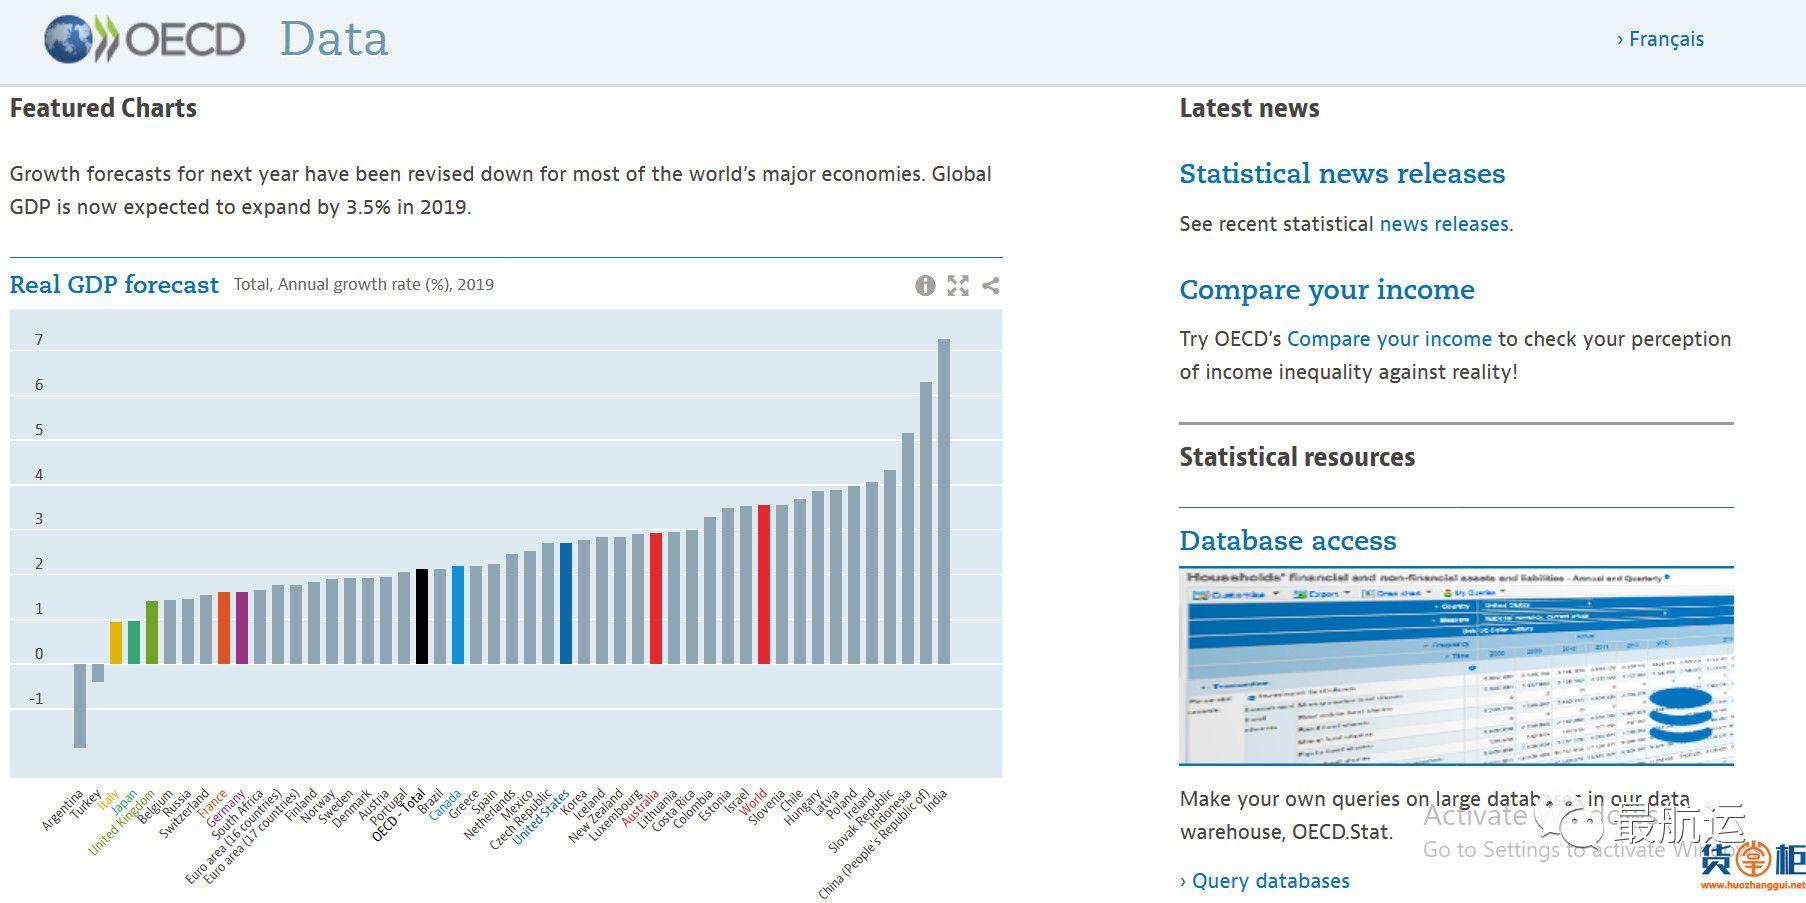 教你如何查询各国进出口海关经贸数据-货掌柜www.huozhanggui.net